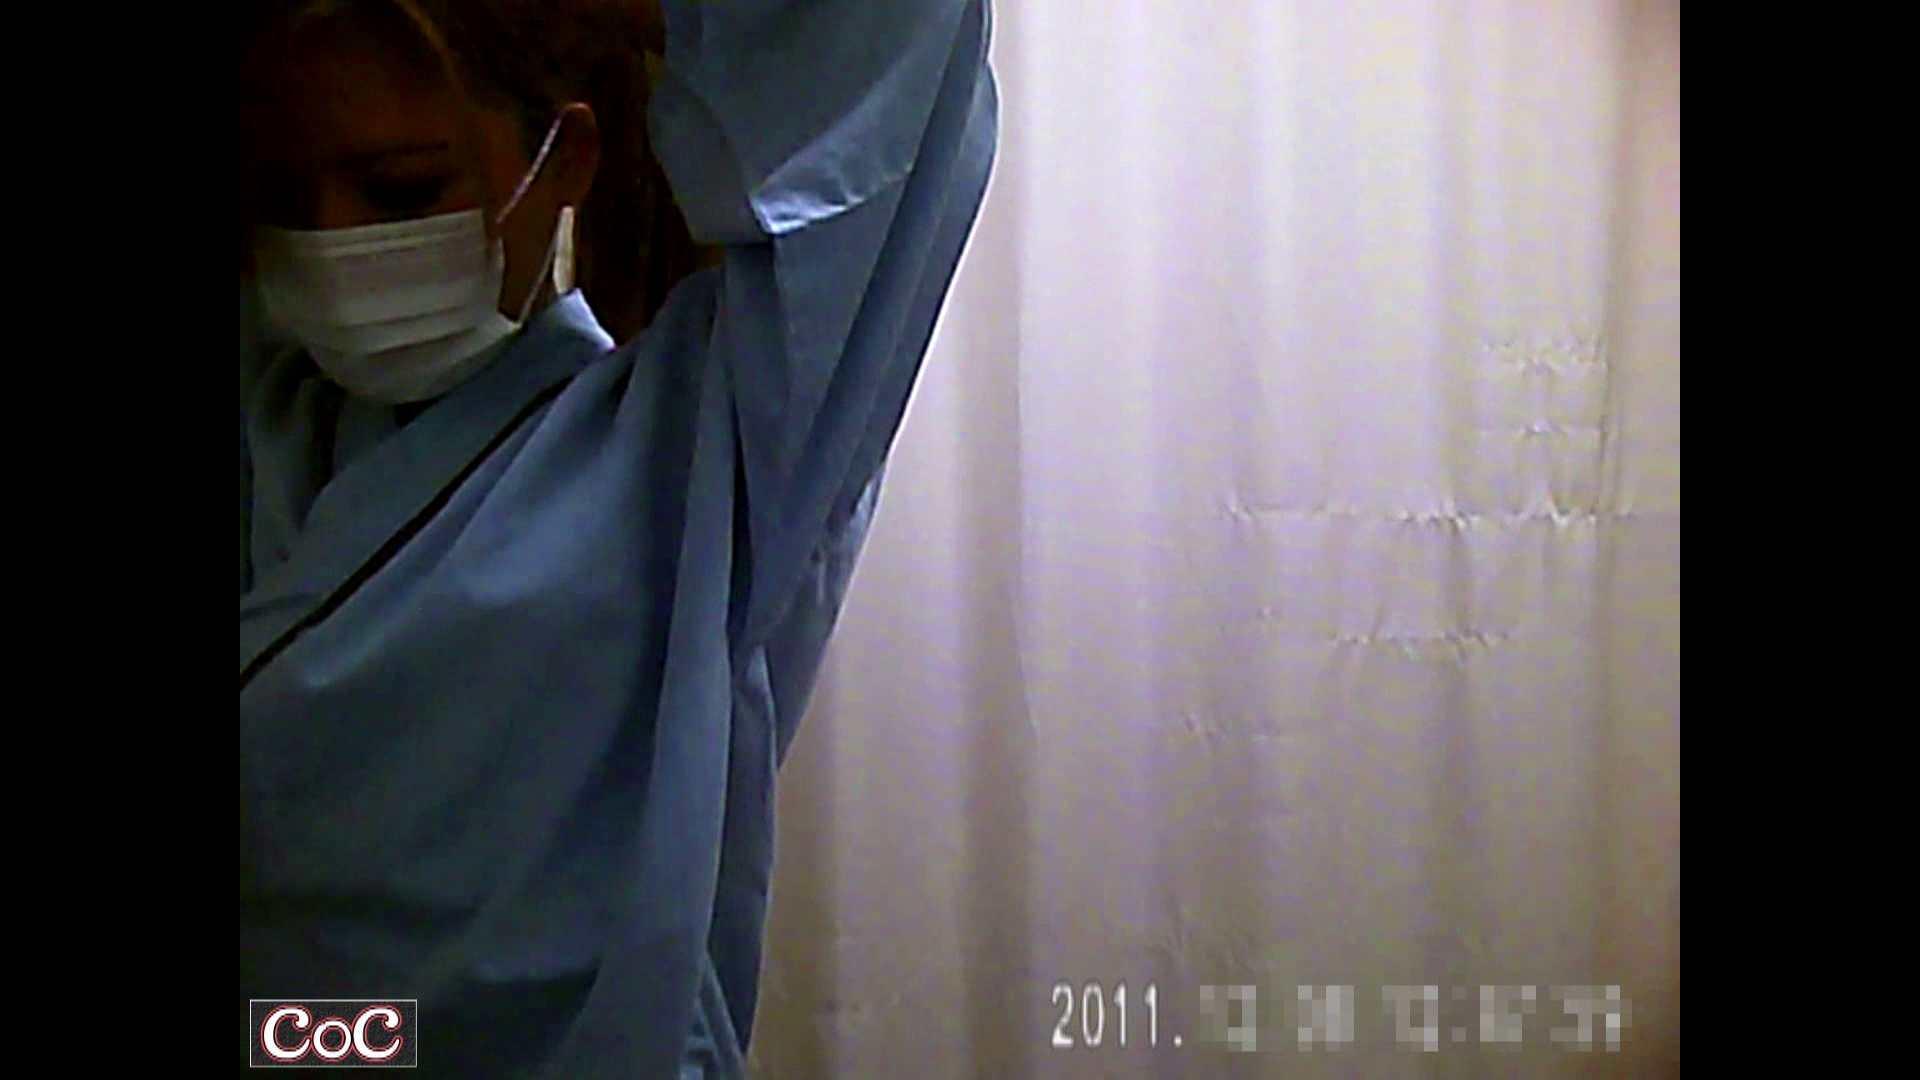 元医者による反抗 更衣室地獄絵巻 vol.180 OL | 0  85連発 28